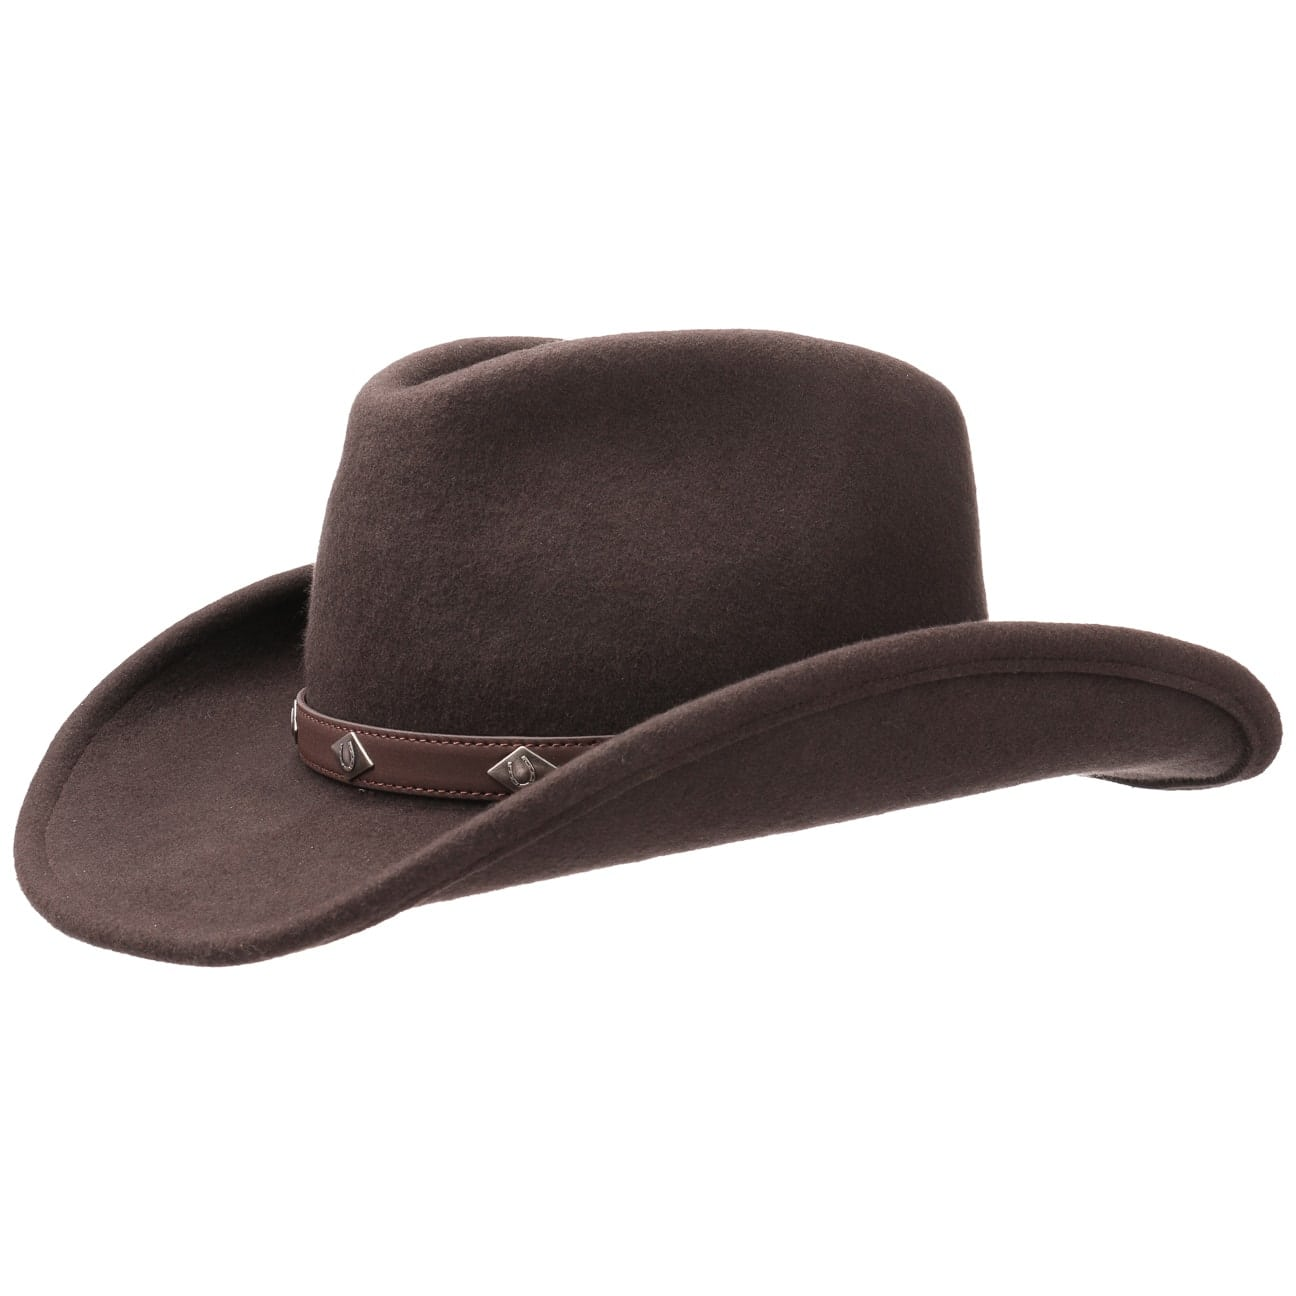 Chapeau Western Corralo by Conner  chapeau en feutre de laine